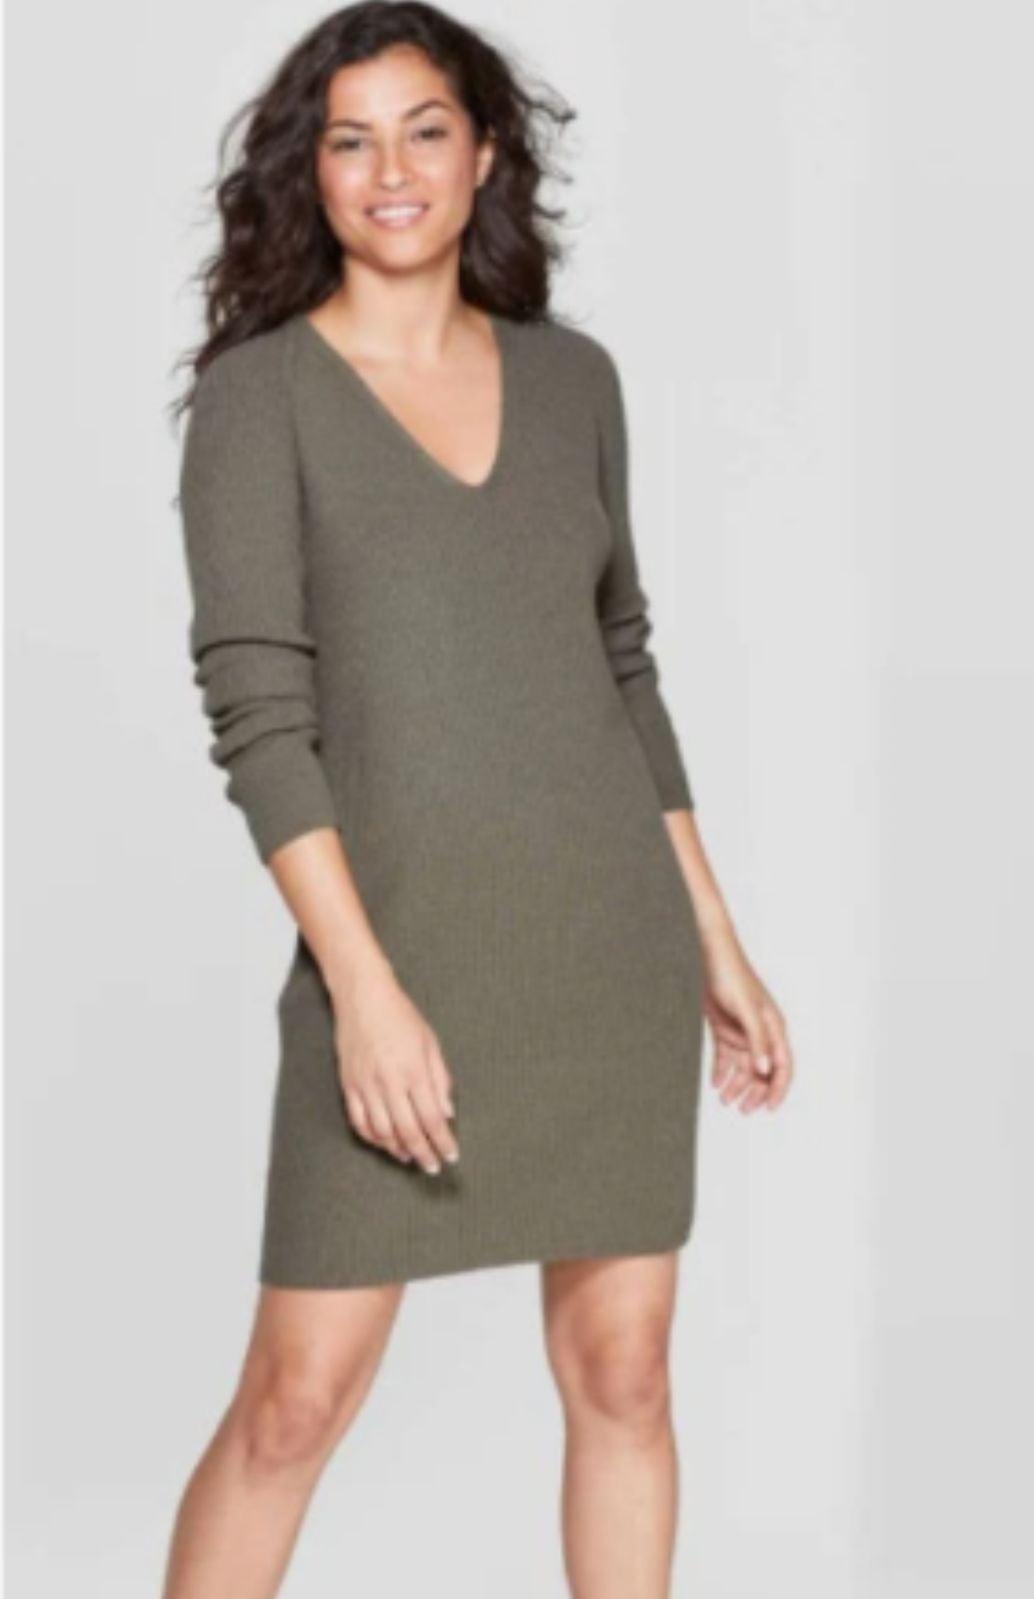 A New Day V-Neck Olive Sweater Dress XS